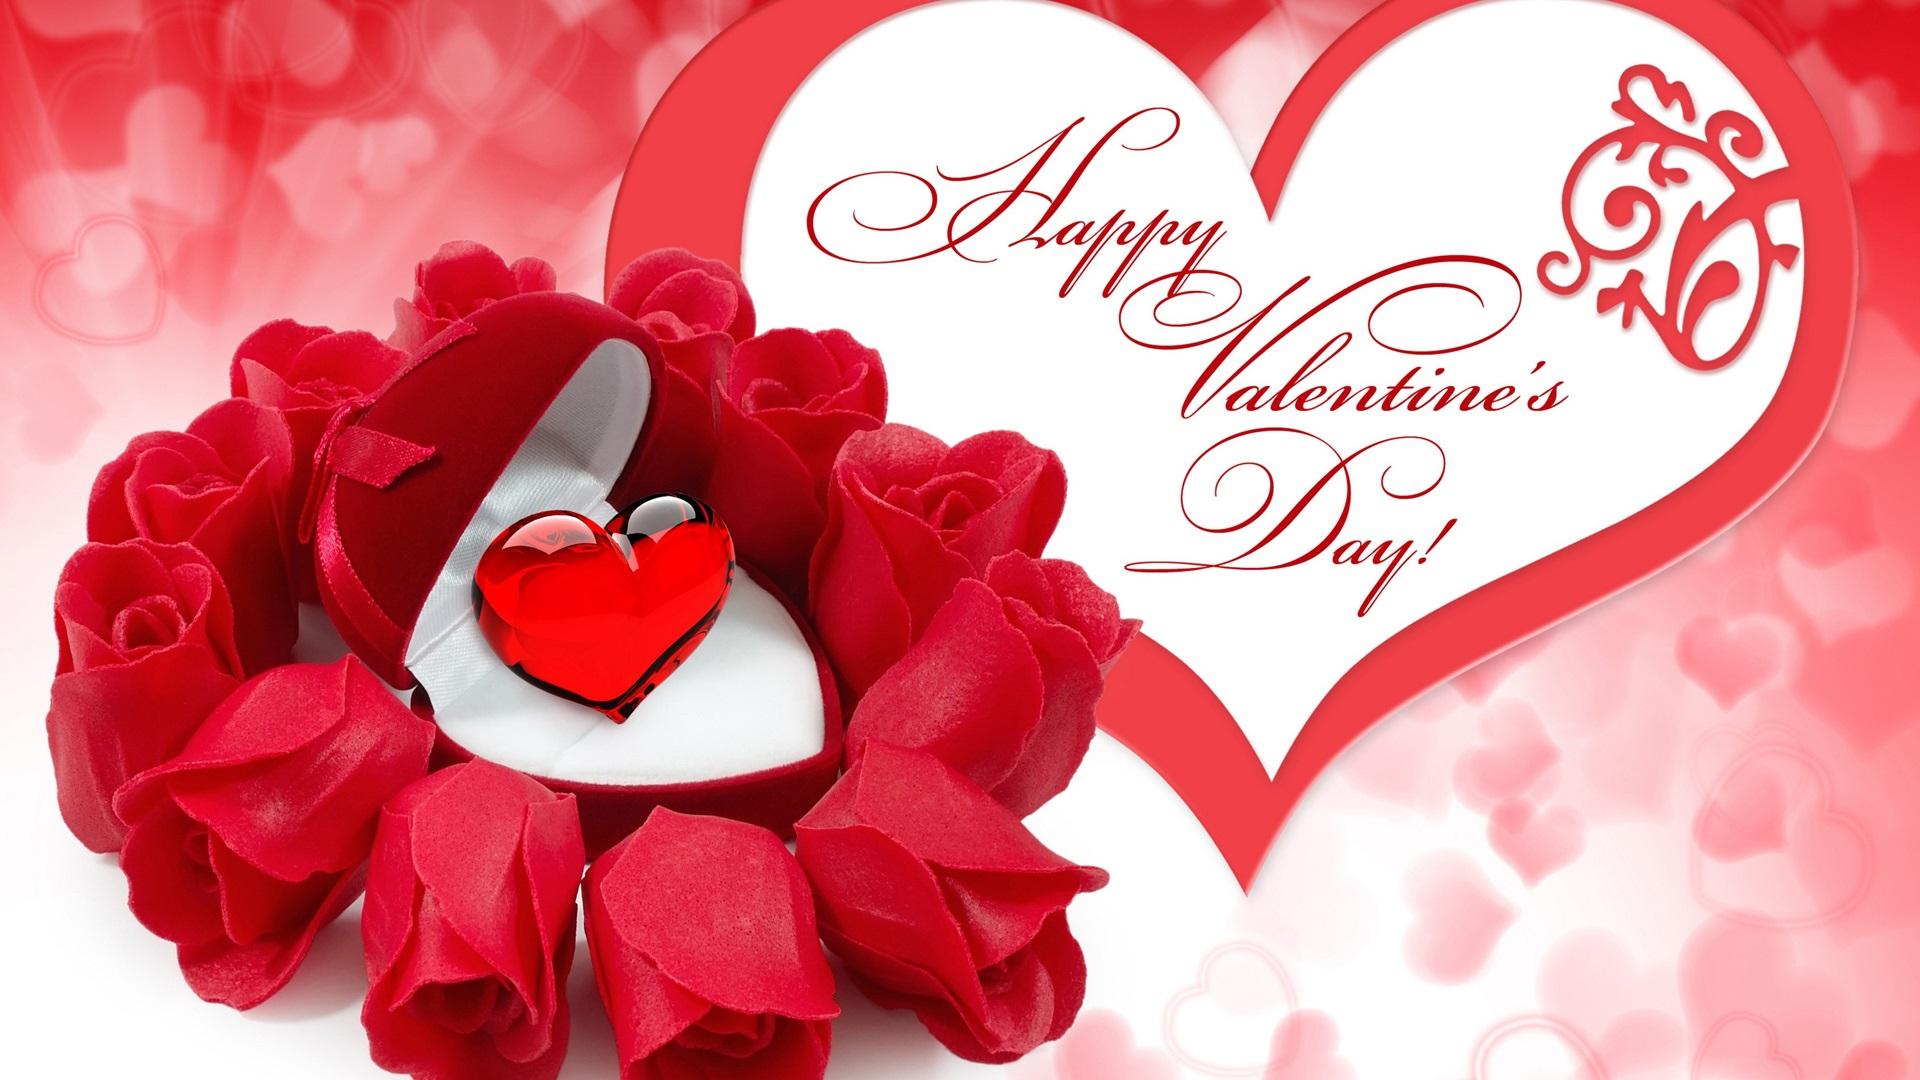 С Днем Сердца открытка - Любовь и романтика - Анимационные блестящие 69